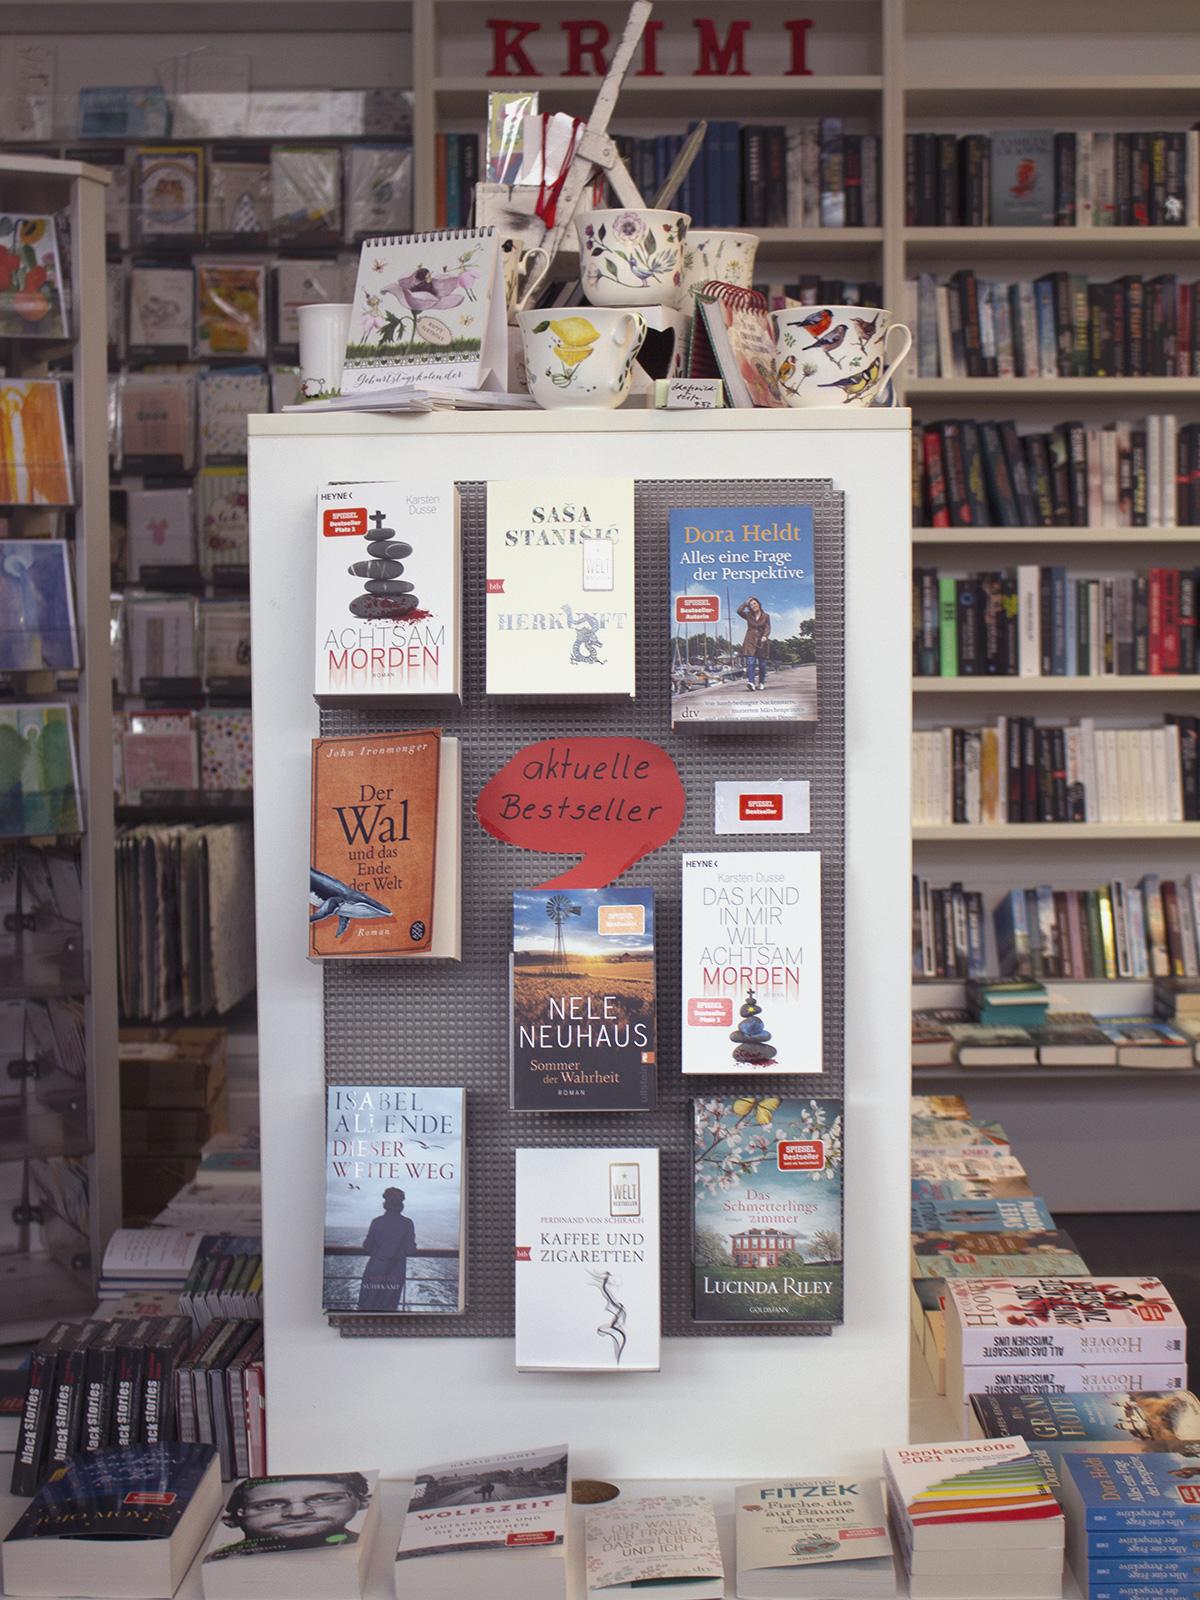 Man sieht eine Auswahl von neun Büchern aus der Bestseller-Liste frontal an einer Wand. Im Hintergrund ist eine Bücherwand, sowie Porzellan